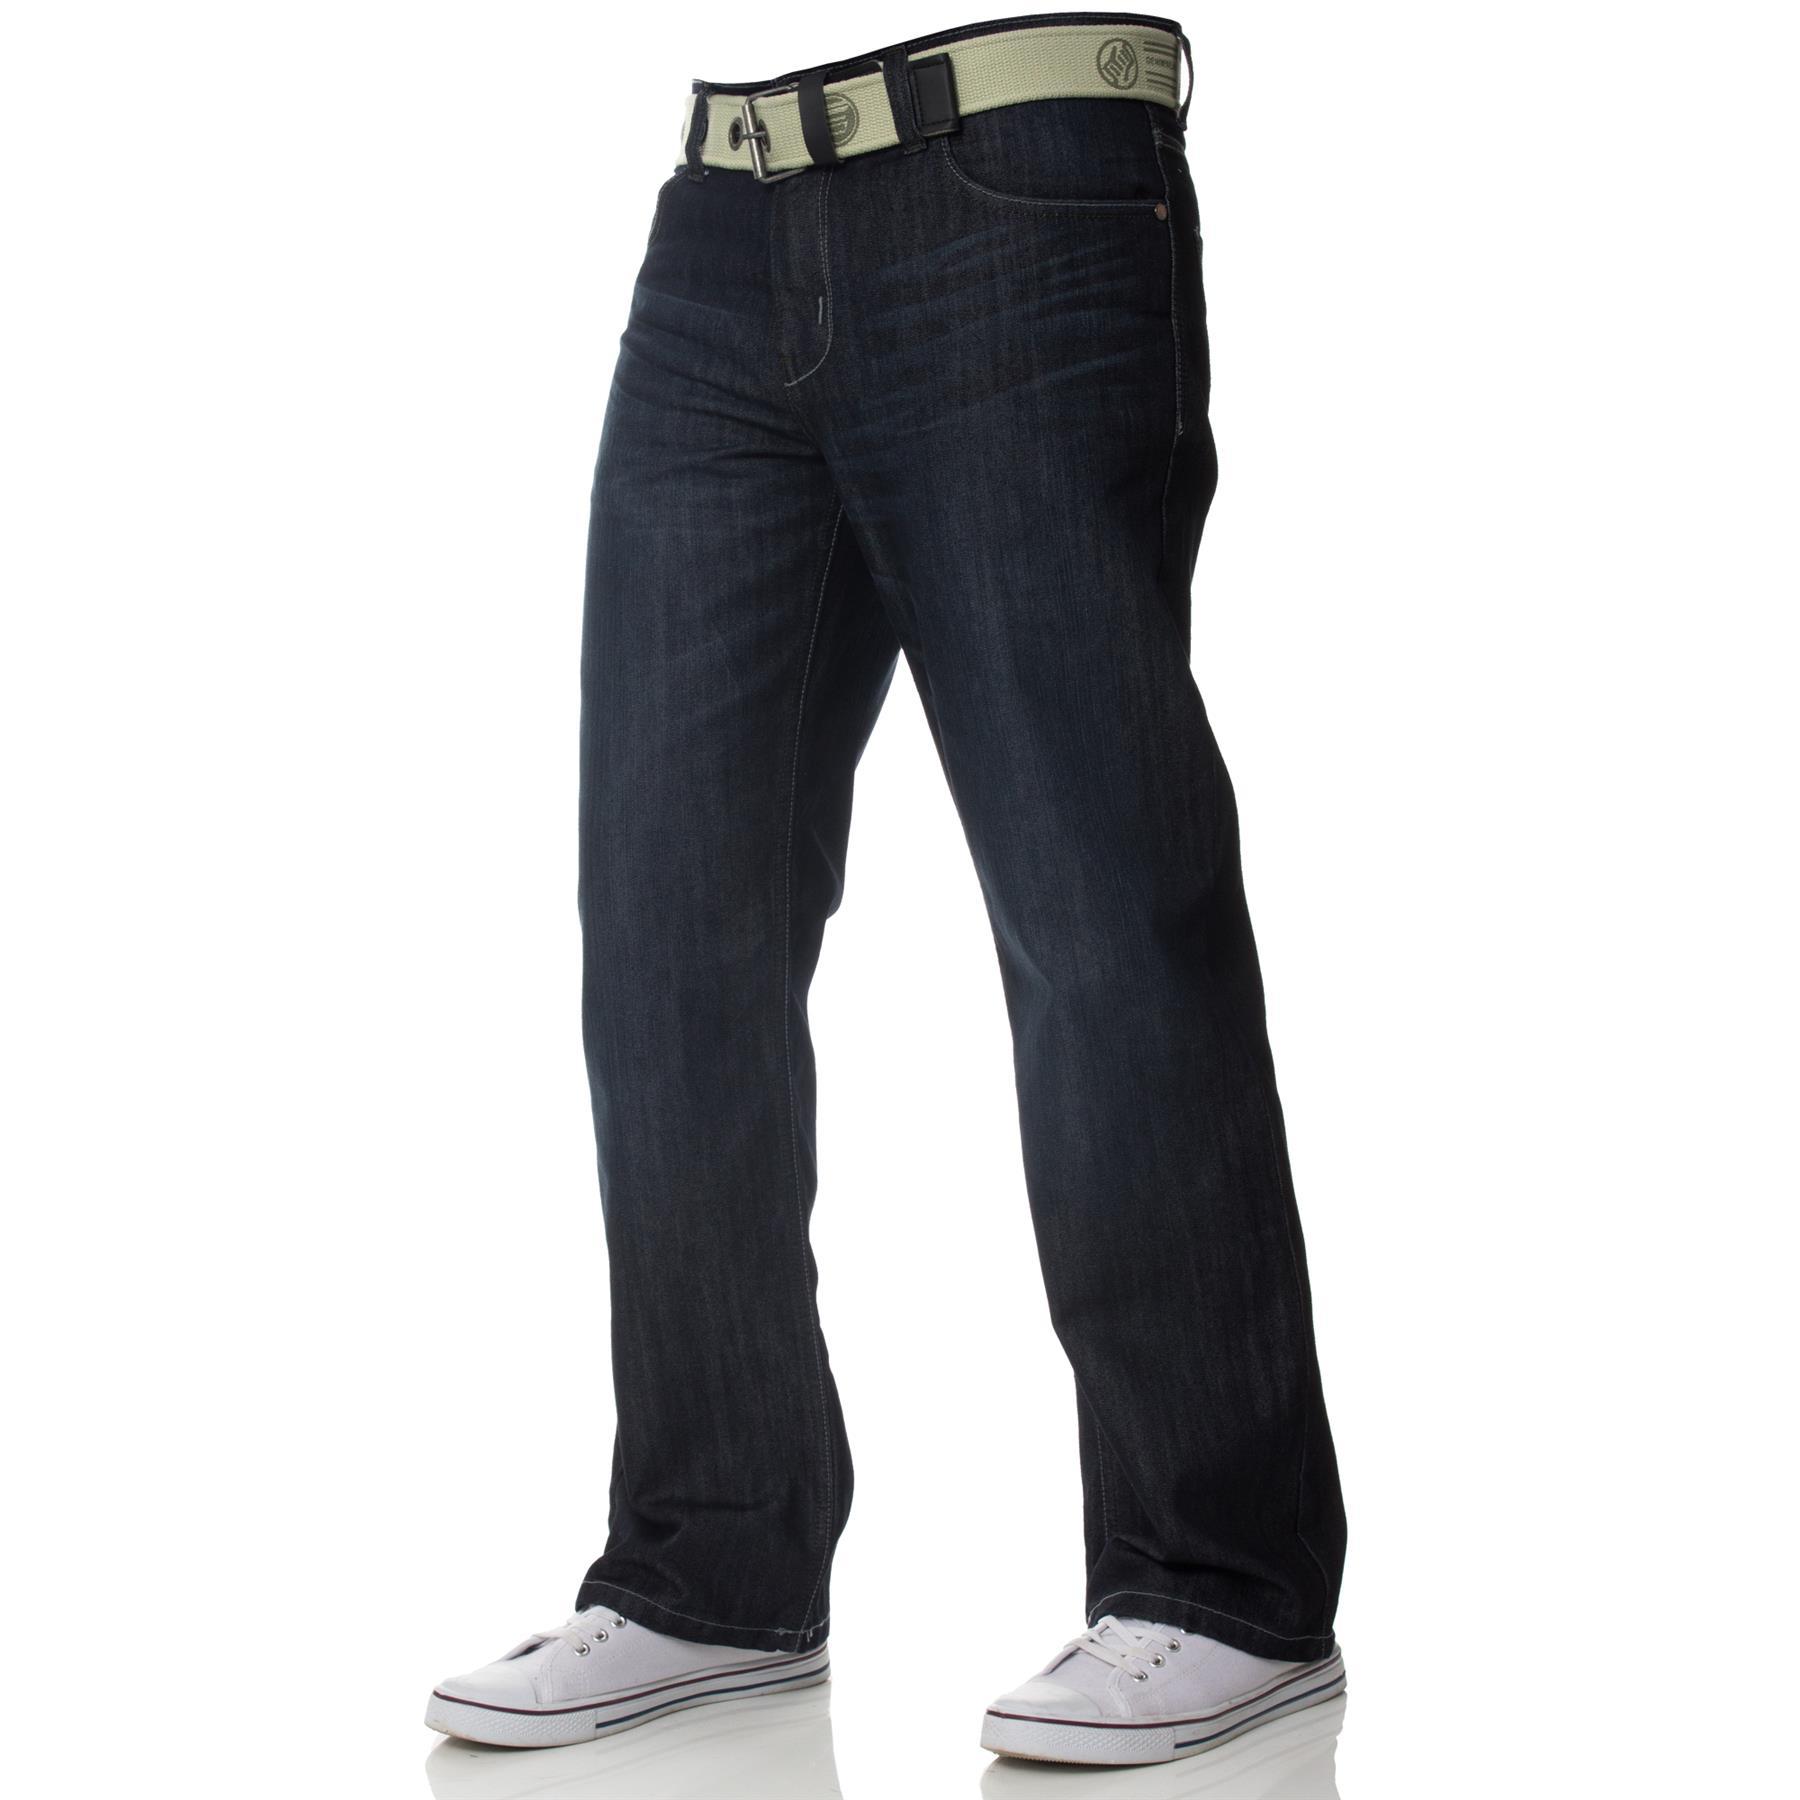 42 31 Ed Garments Mens Big and Tall Button Closure Chino Pant TAN